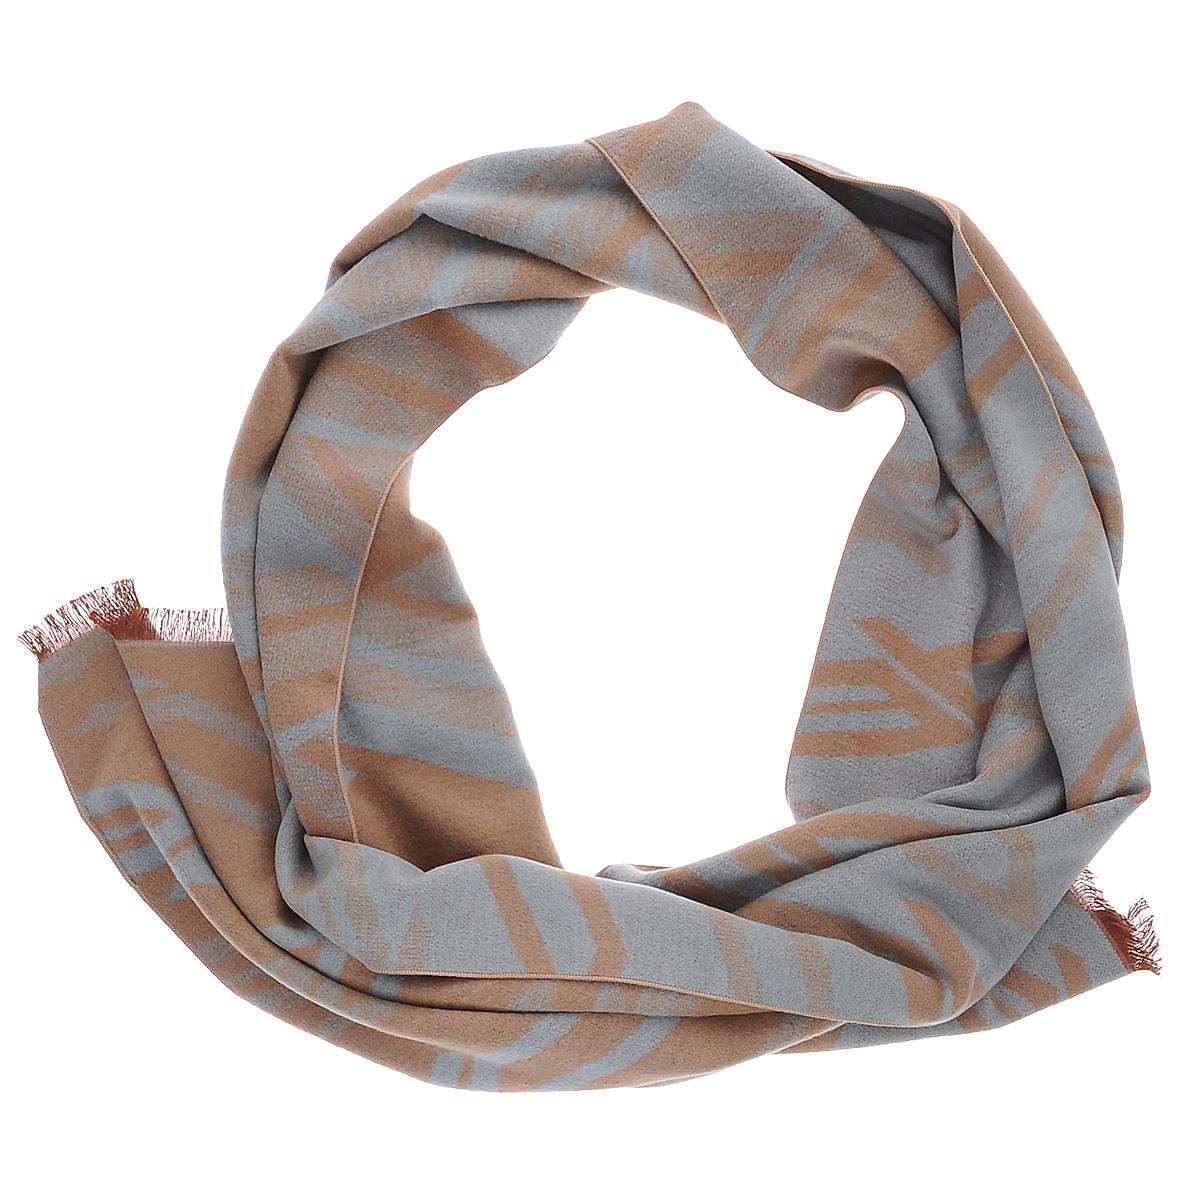 Шарф мужской Moltini, цвет: бежевый, голубой. 90019-08T. Размер 30 см х 180 см90019-08TМужской шарф Moltini согреет в холодное время года, а также станет изысканным аксессуаром, который призван подчеркнуть ваш стиль и индивидуальность. Ворсистый теплый шарф выполнен на основе из 100% шелка и оформлен оригинальным принтом. Края модели декорированы тонкой бахромой.